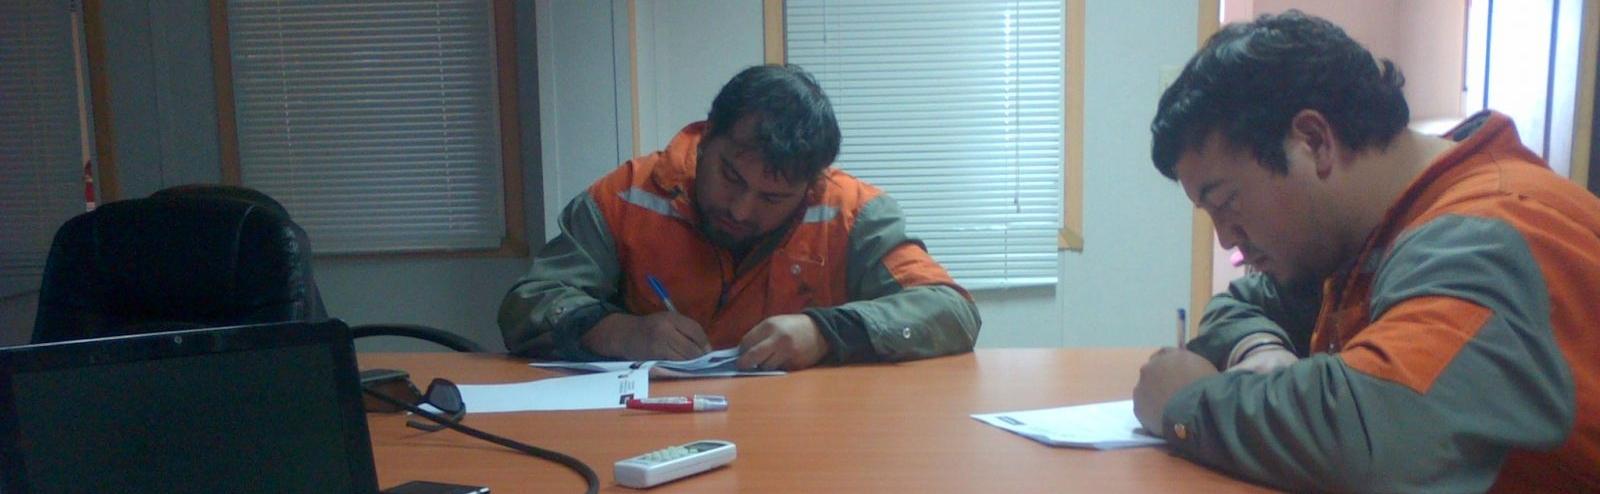 CURSO CAPACITACION DIAGNOSTICO DE FALLAS HIDRAULICAS